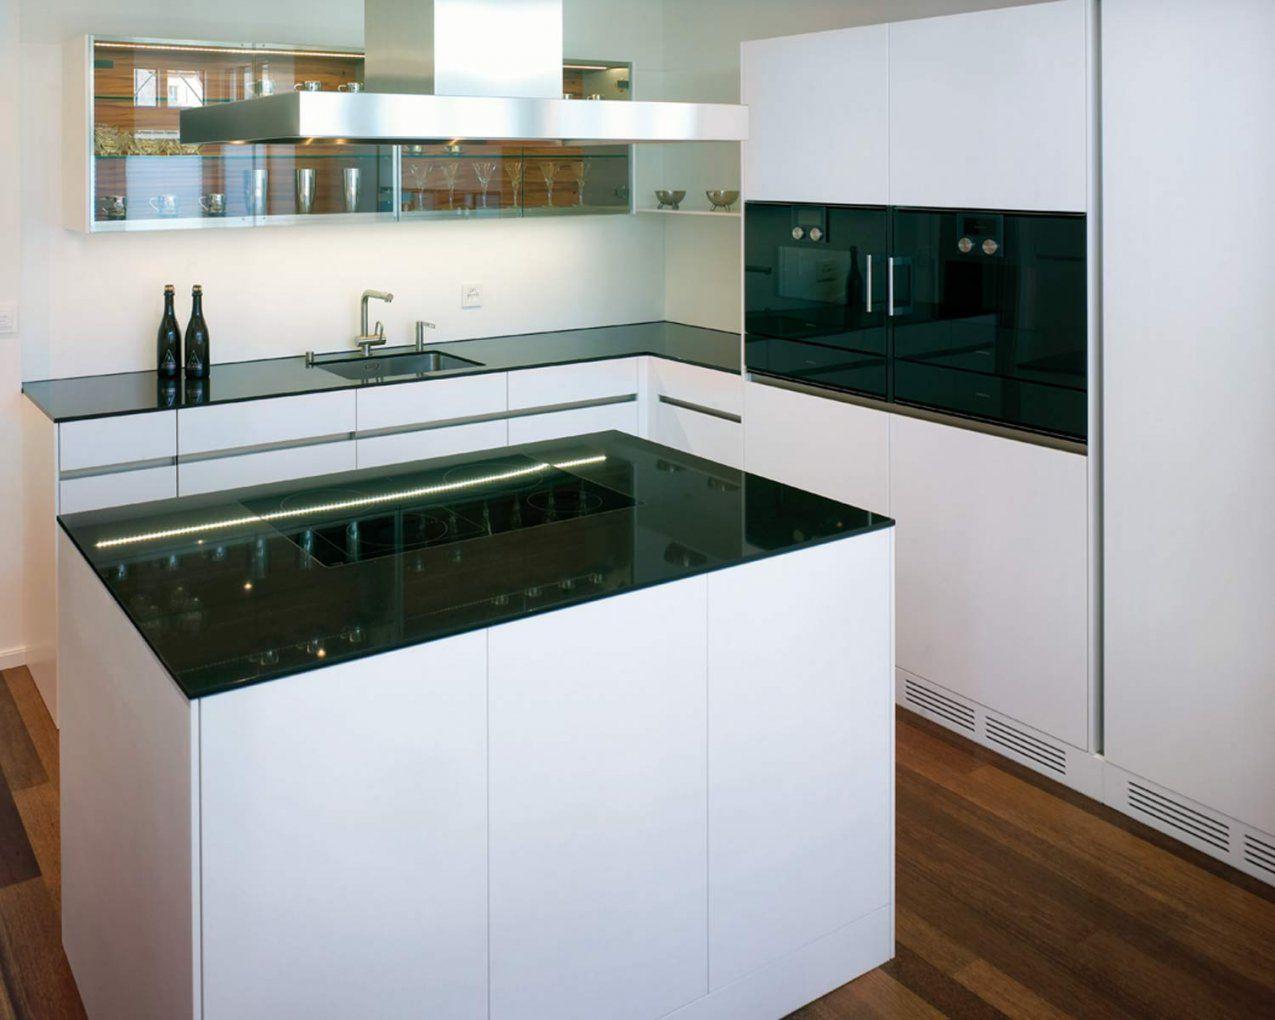 Mit Geschickter Planung Lassen Sich Kleine Räume Optimal Nutzen Und von Küche Kleiner Raum Modern Bild